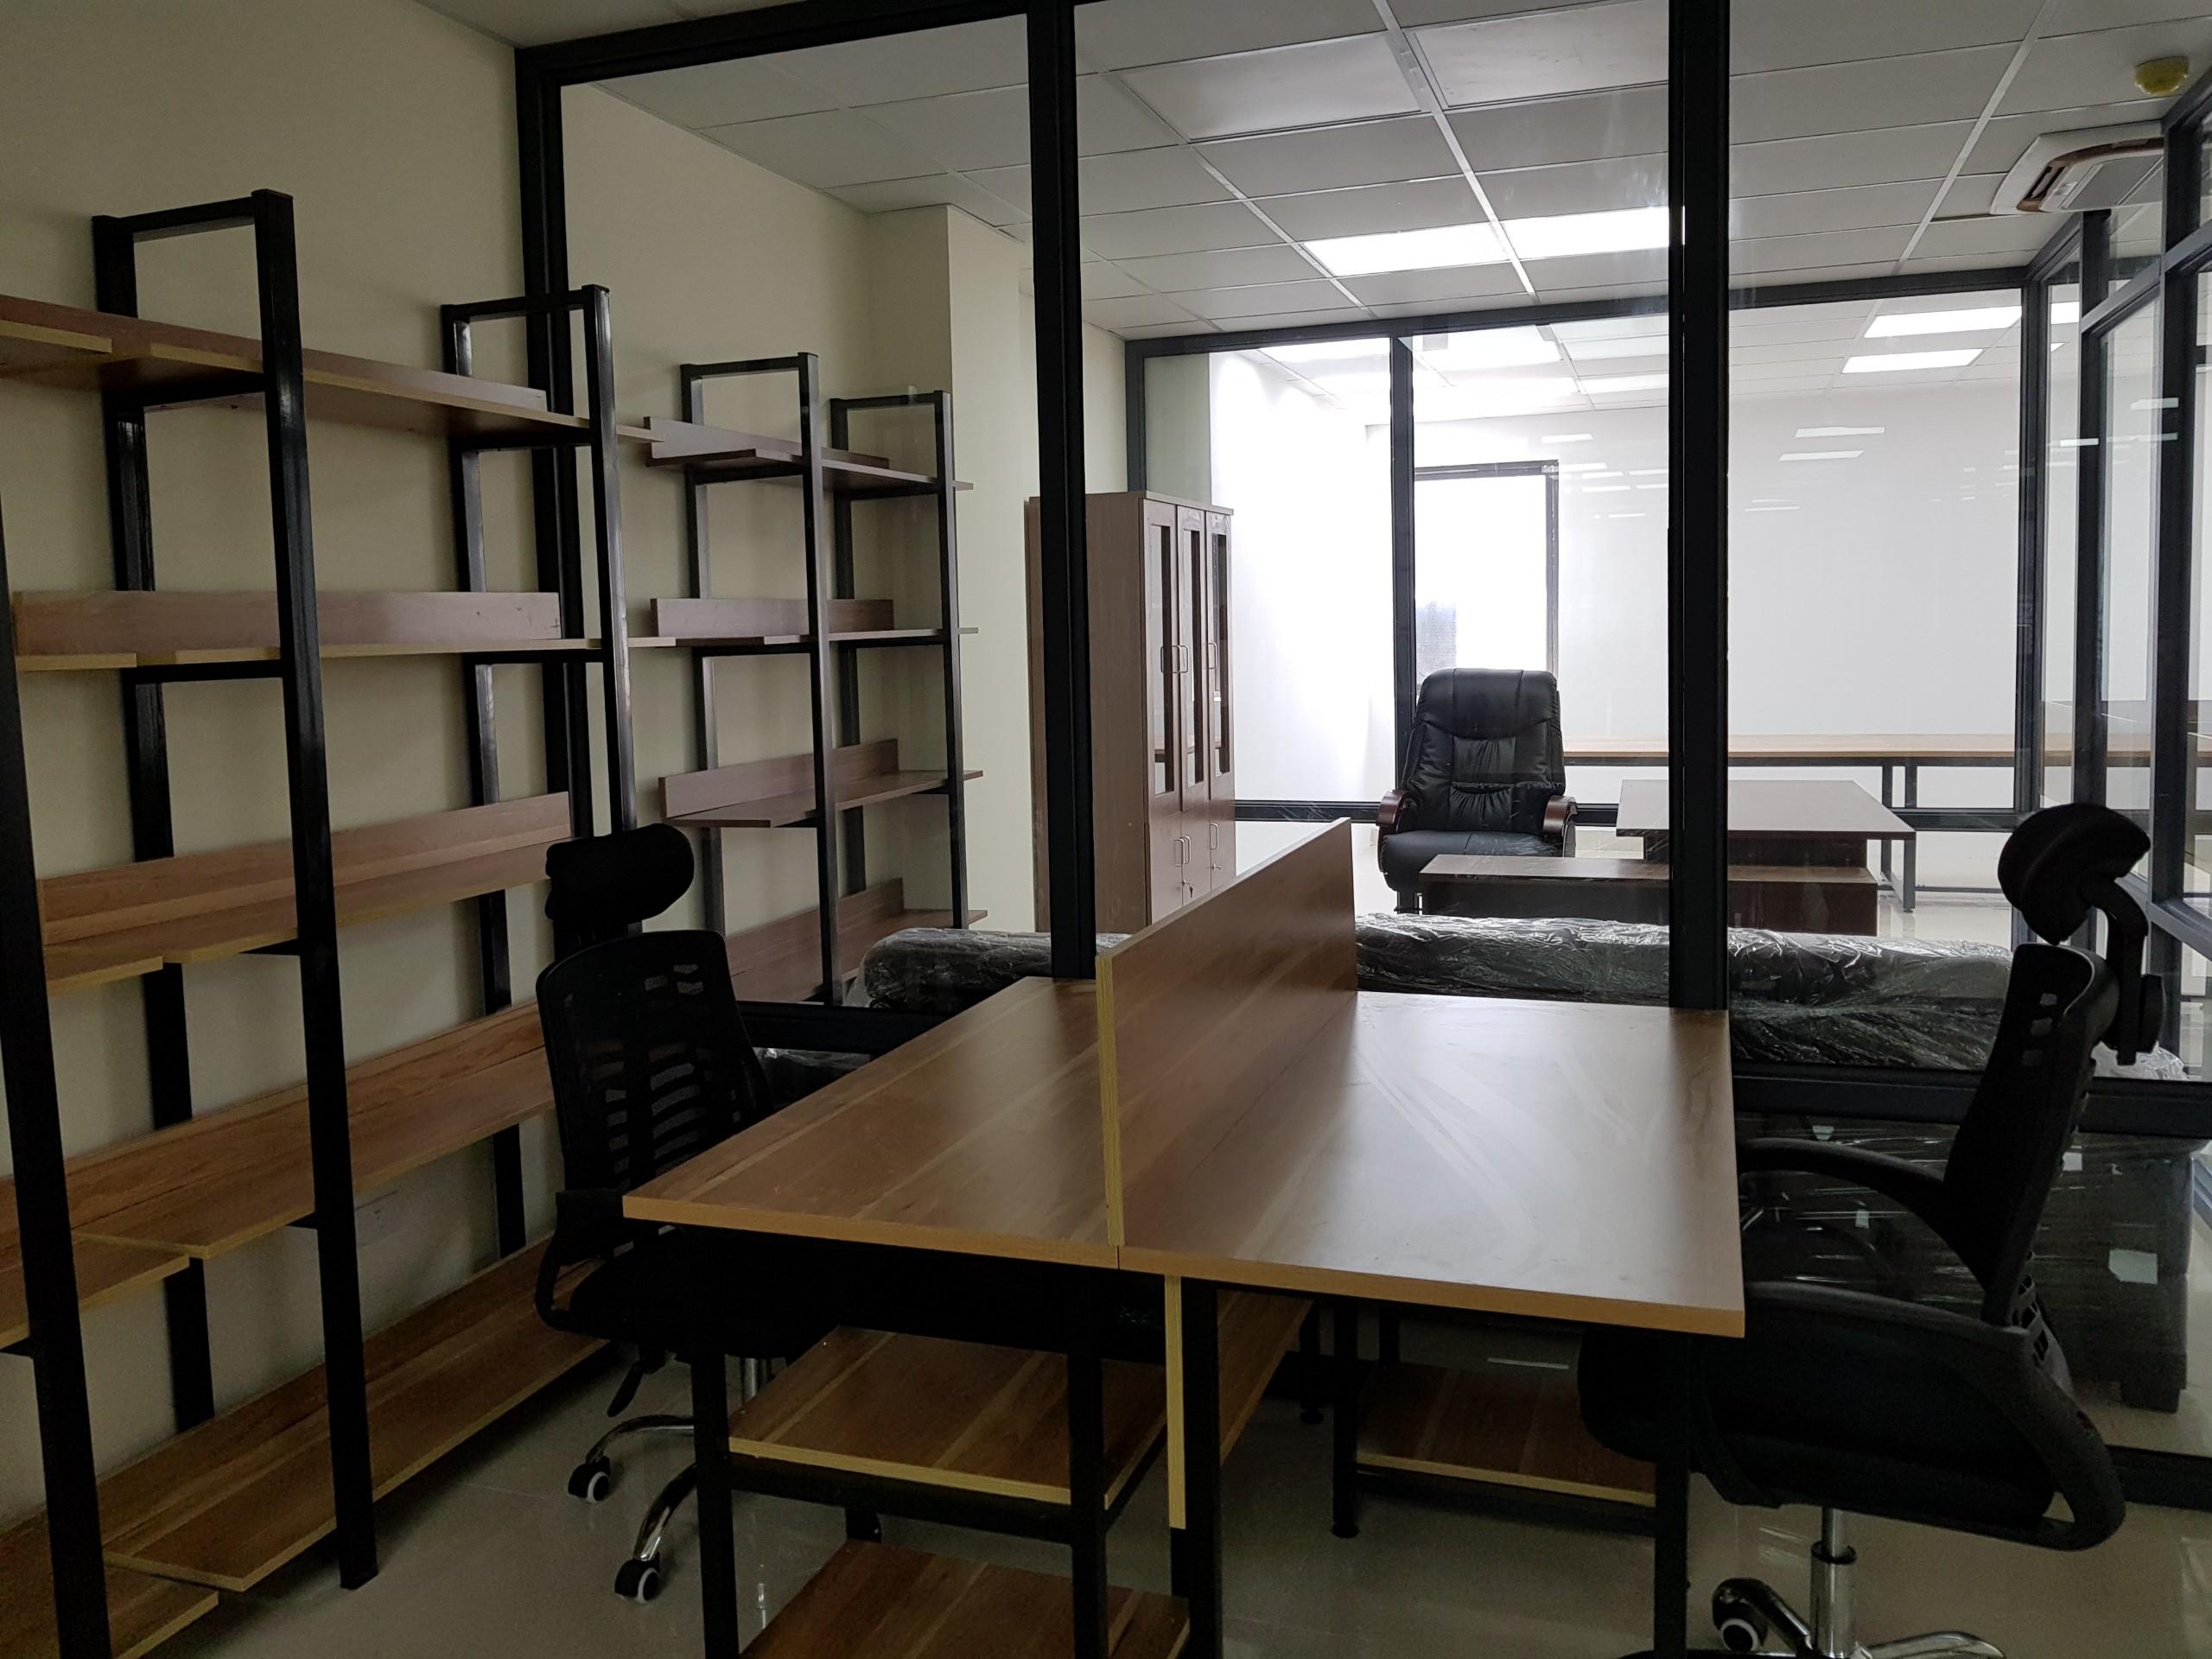 Mua bàn ghế văn phòng ở đây uy tín tại Cầu Giấy?